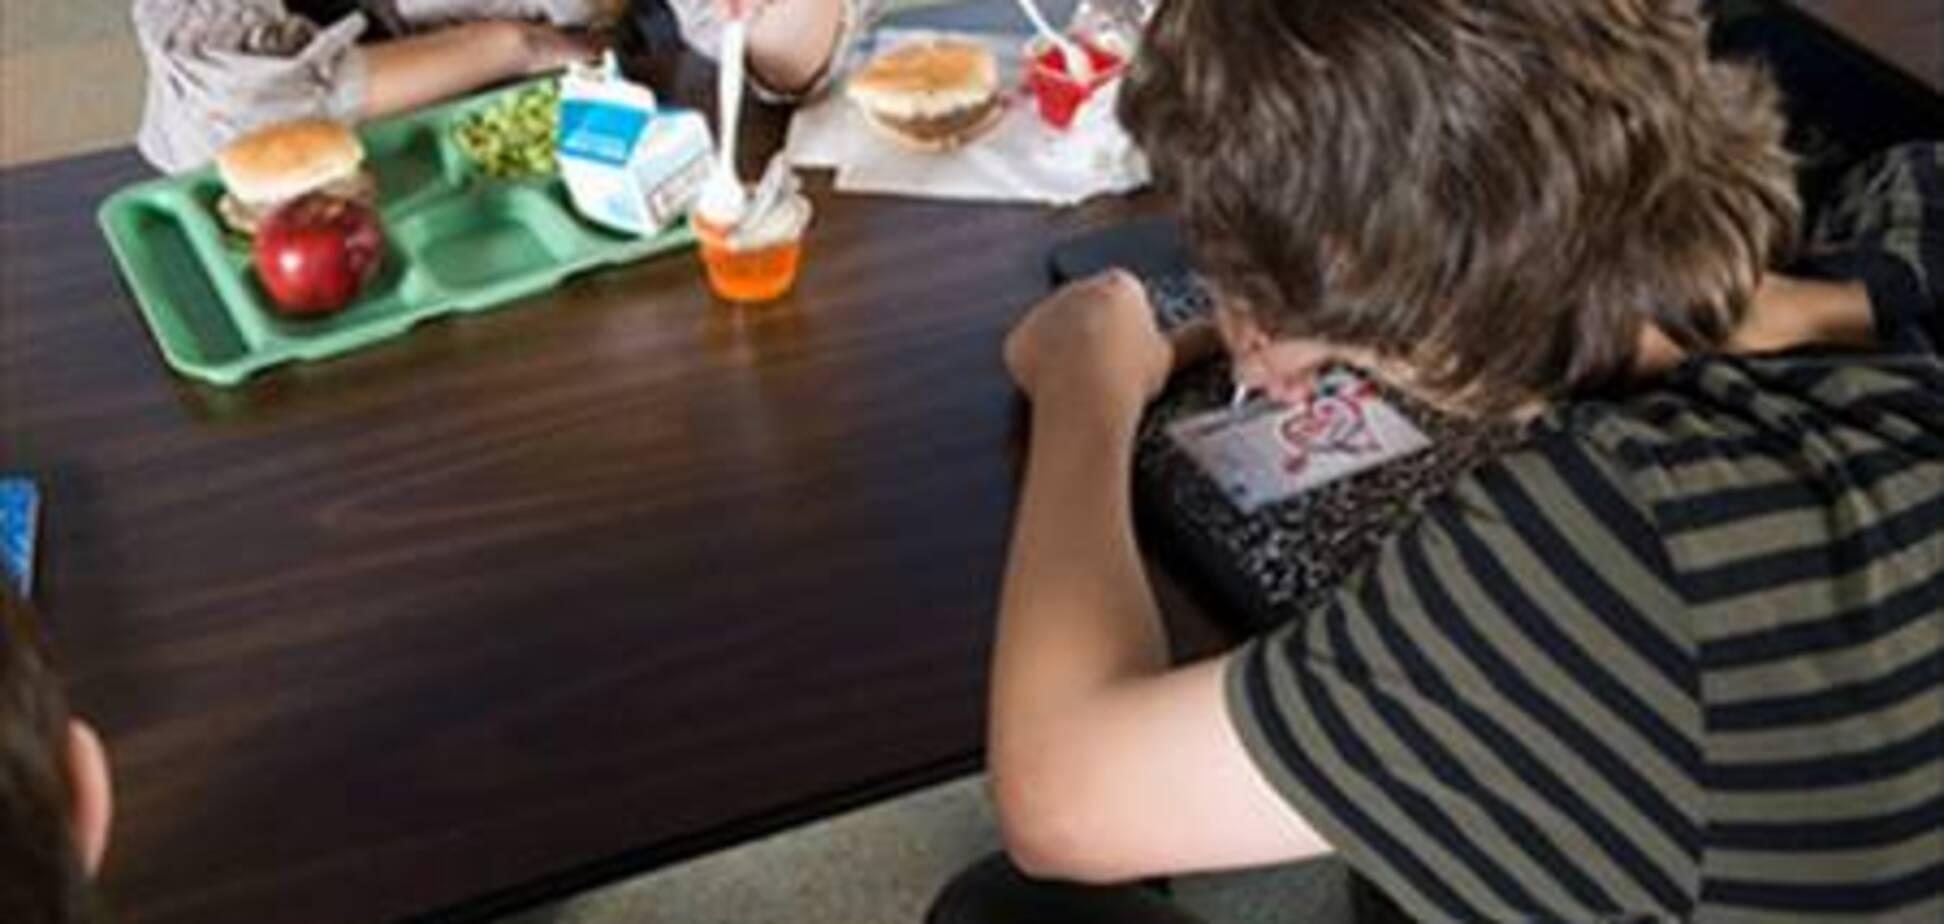 В Колорадо обеспокоены детским ожирением